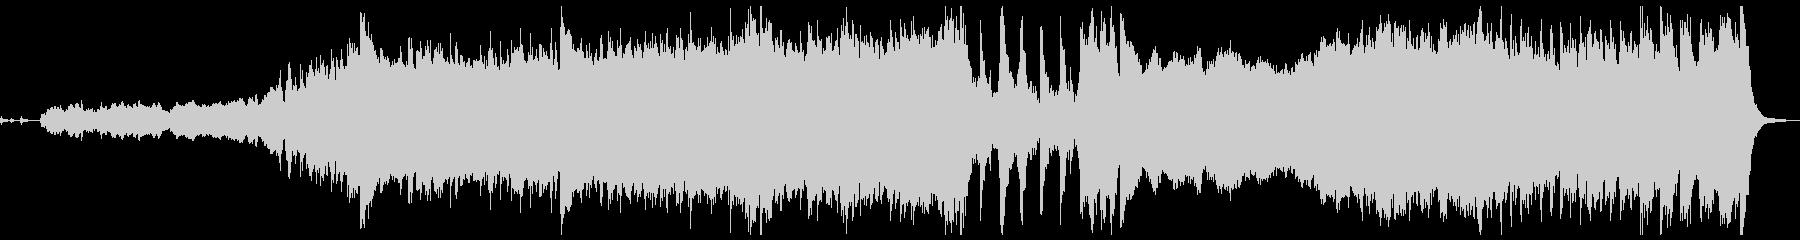 ポップ ロック 現代的 交響曲 エ...の未再生の波形